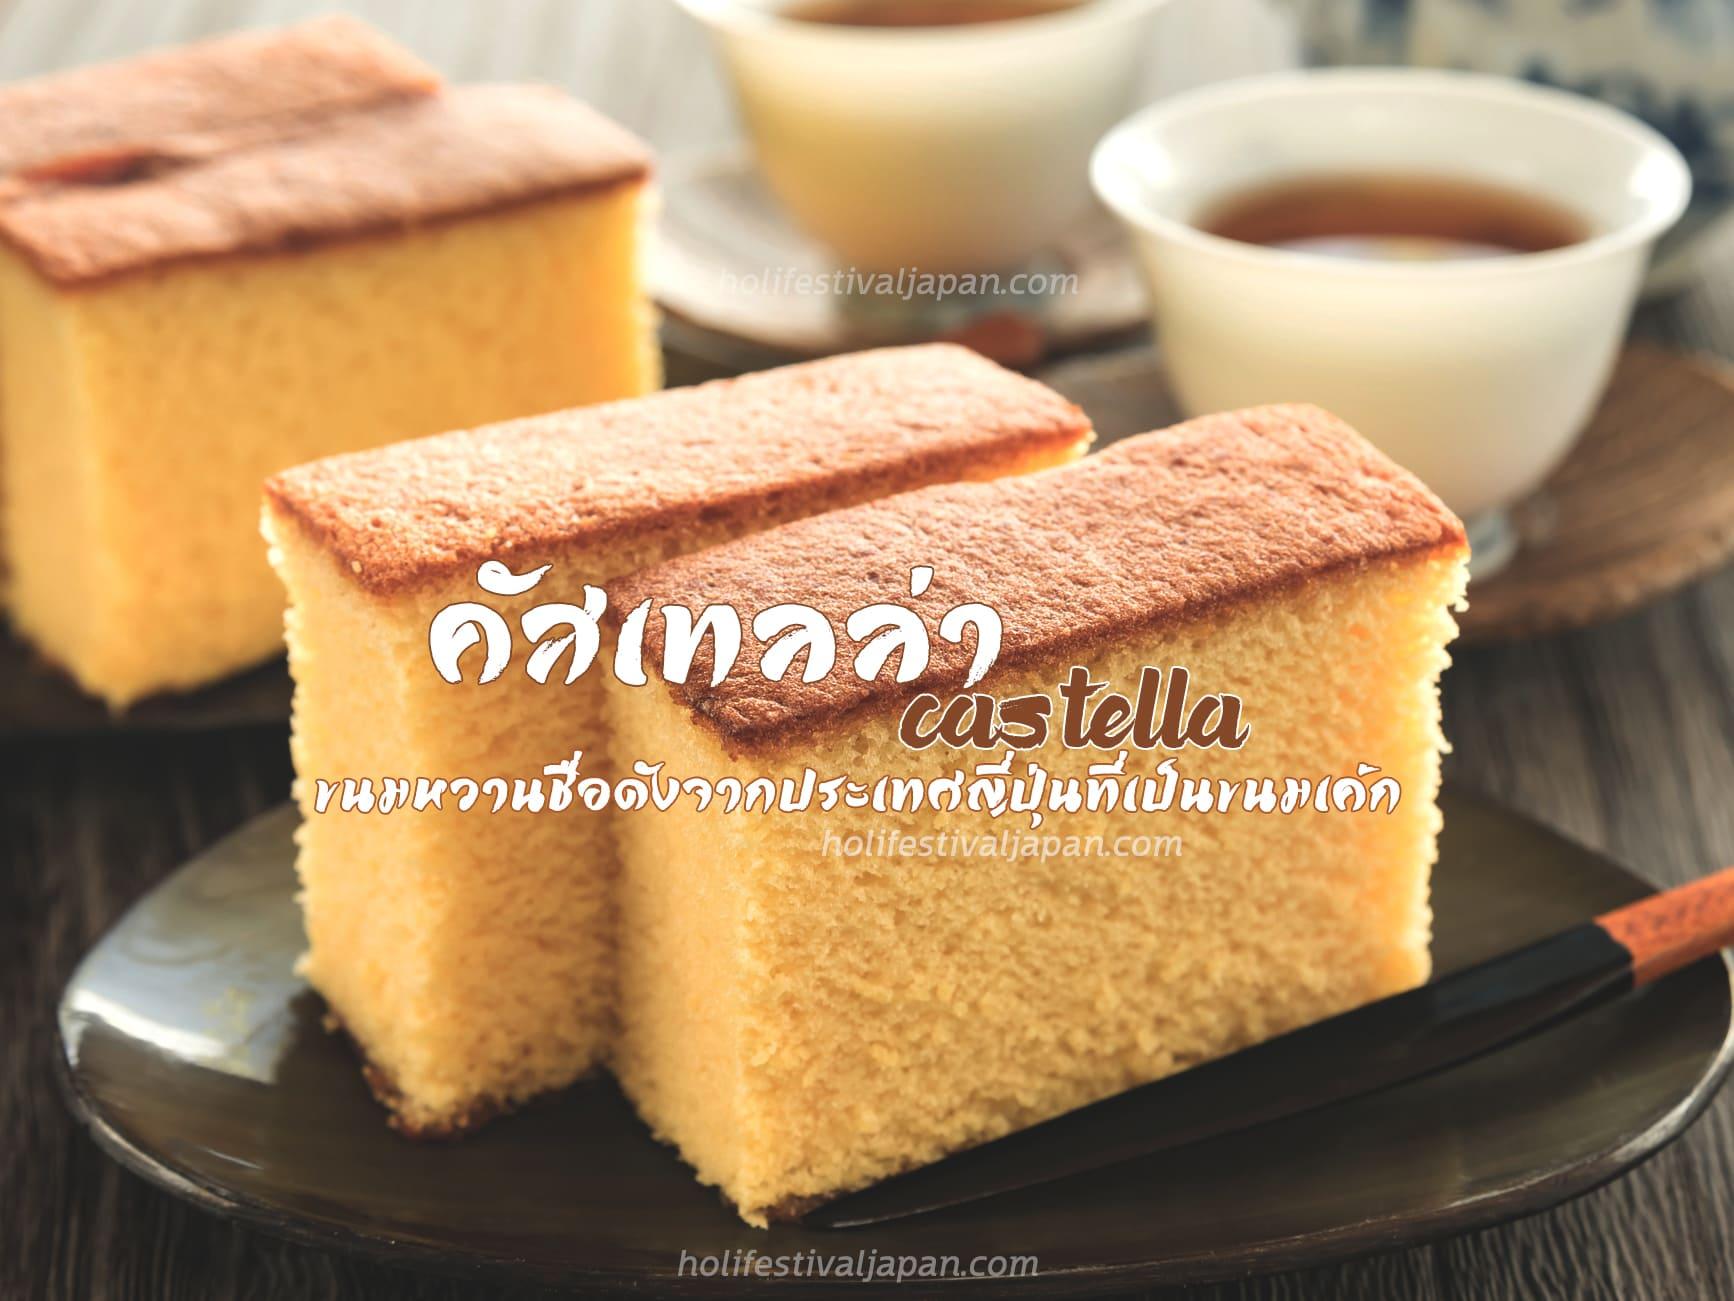 คัสเทลล่า (Castella) ขนมหวานชื่อดังจากประเทศญี่ปุ่นที่เป็นขนมเค้ก